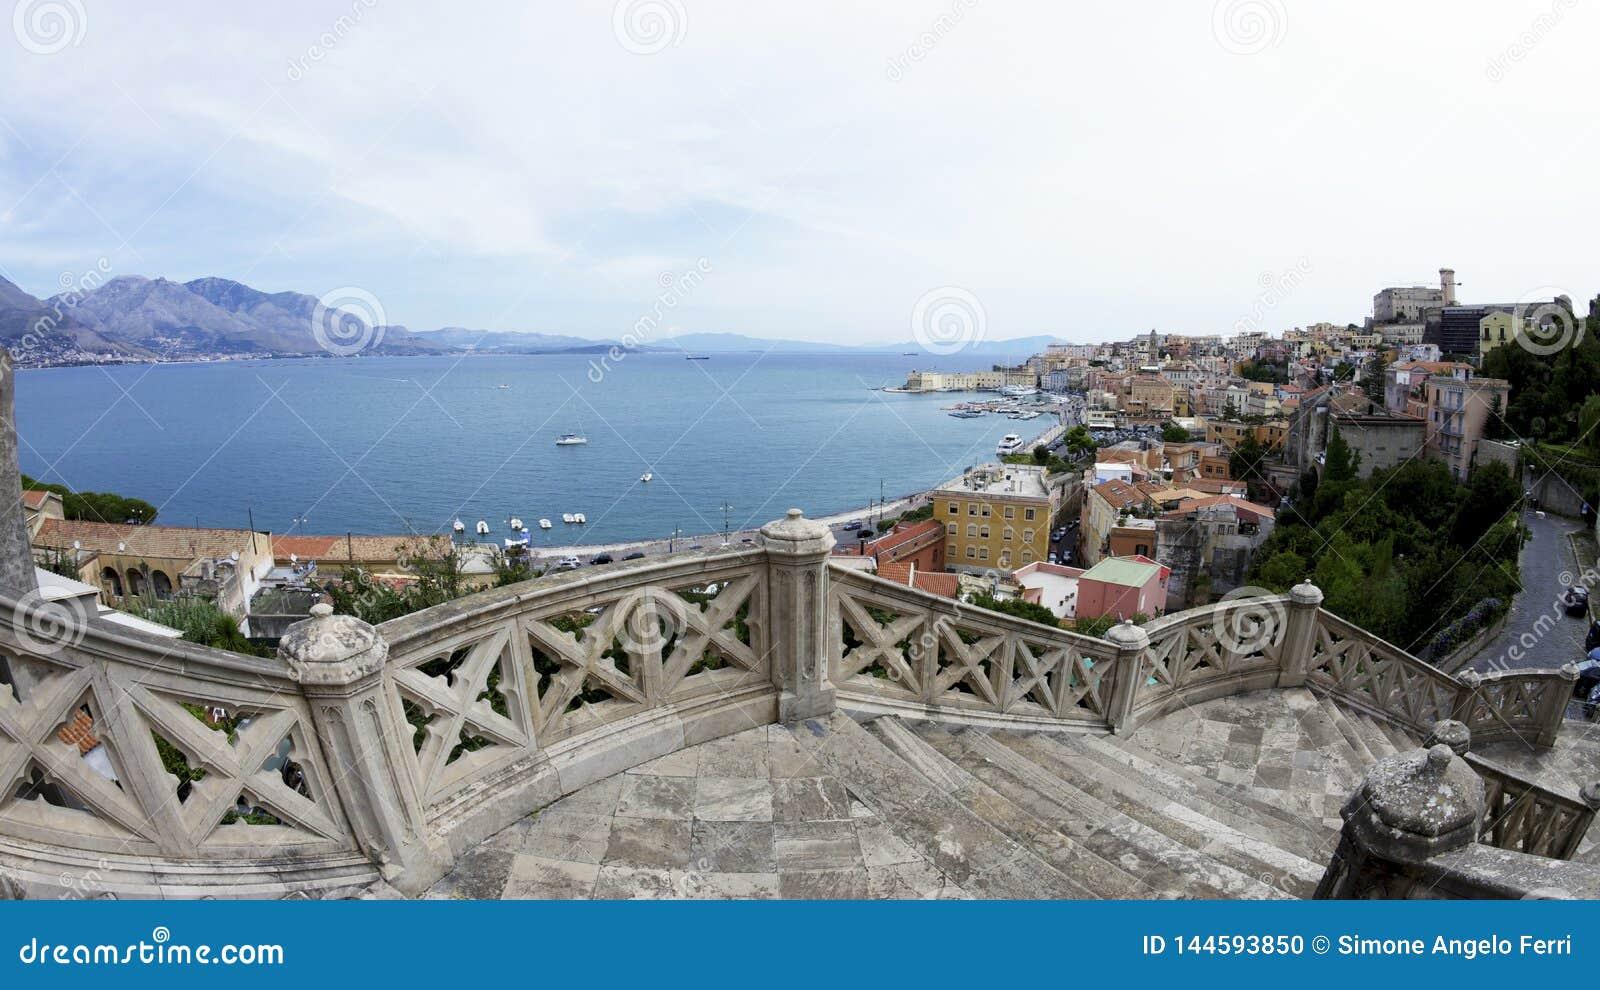 Escaliers vers le bas ? la ville de Gaeta en Italie Vue sur le port et le littoral italien